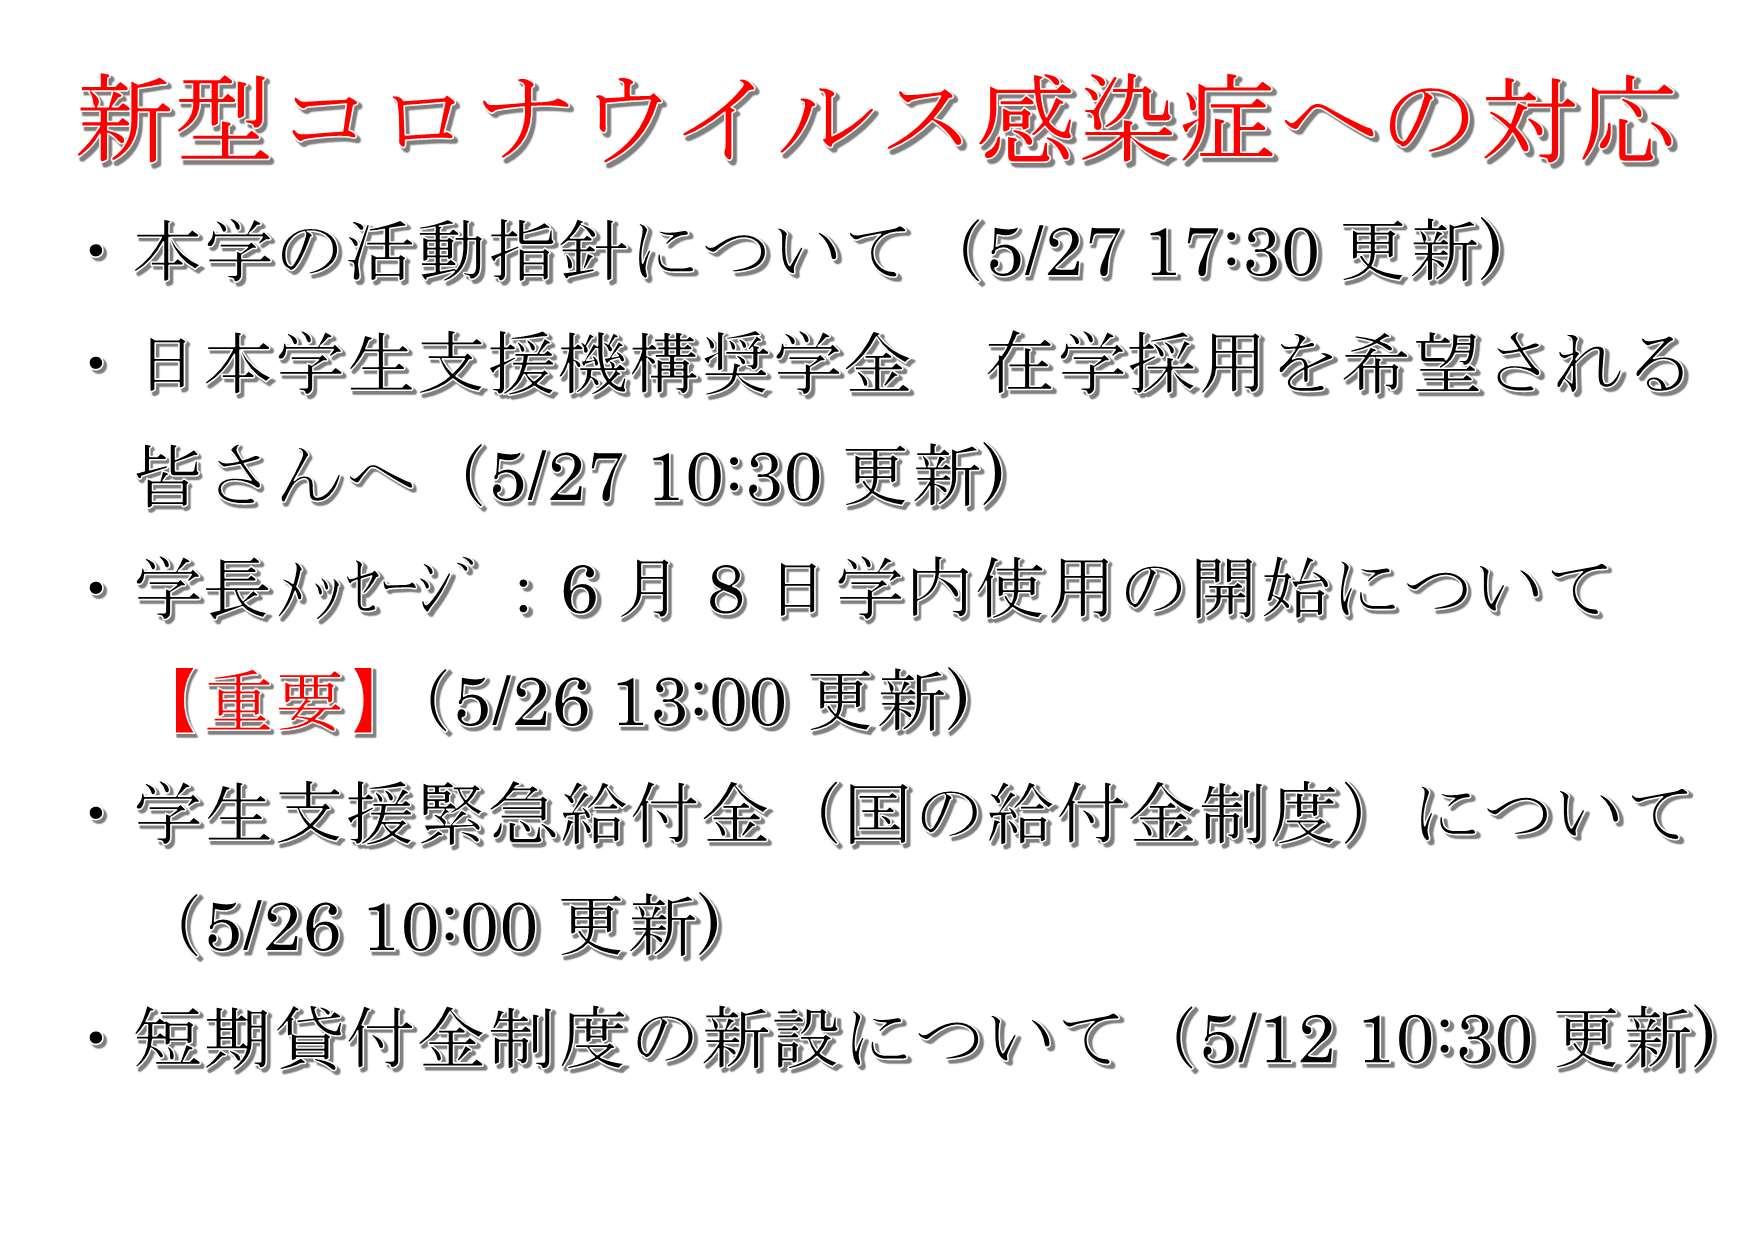 新型コロナウイルスに関する対応について(5/27 17:30更新)